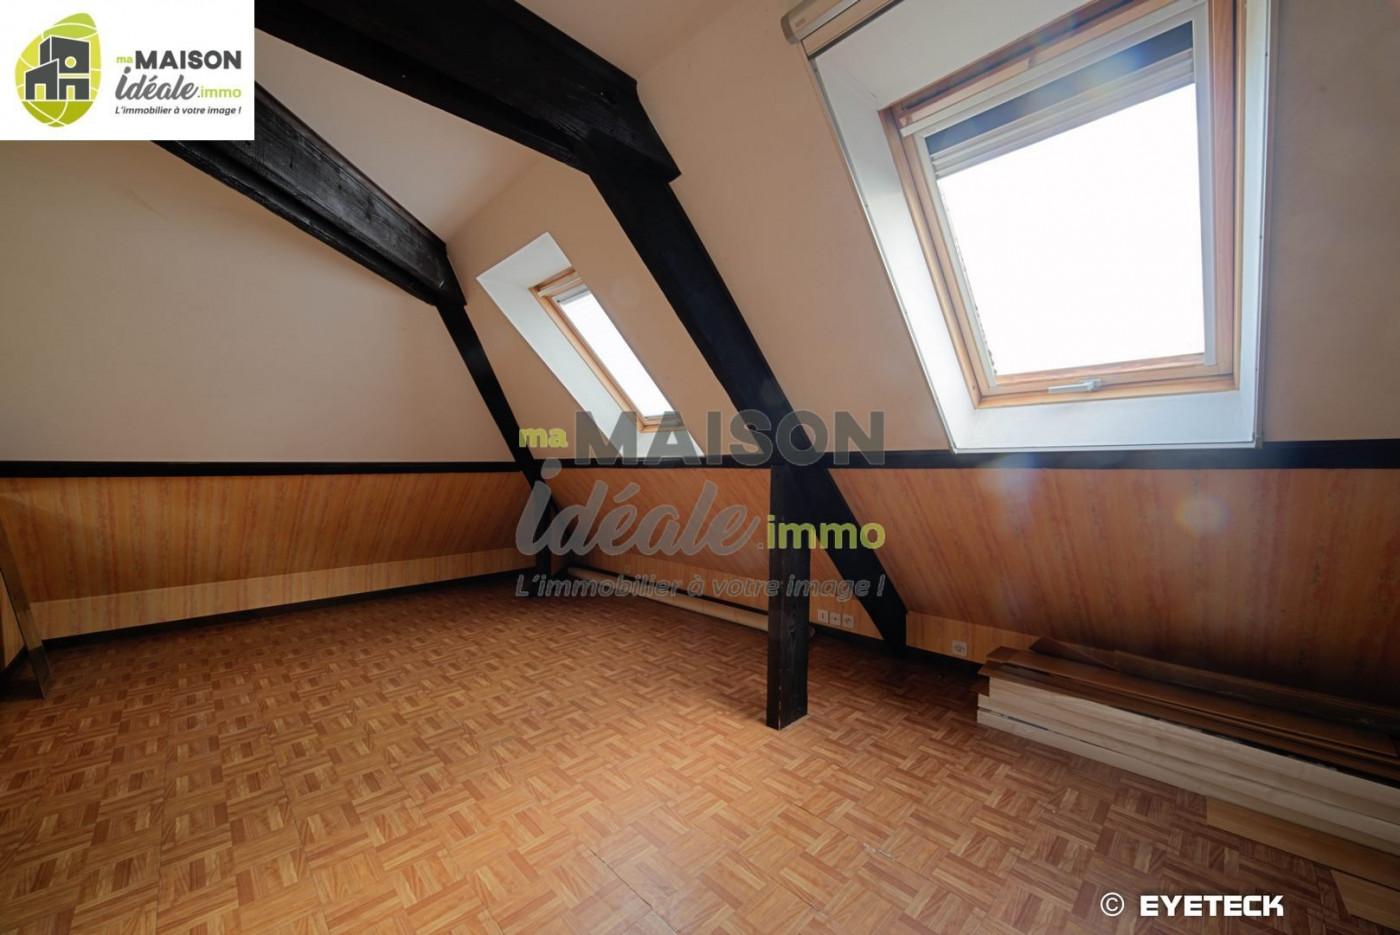 A vendre Varennes Vauzelles 36003426 Ma maison ideale